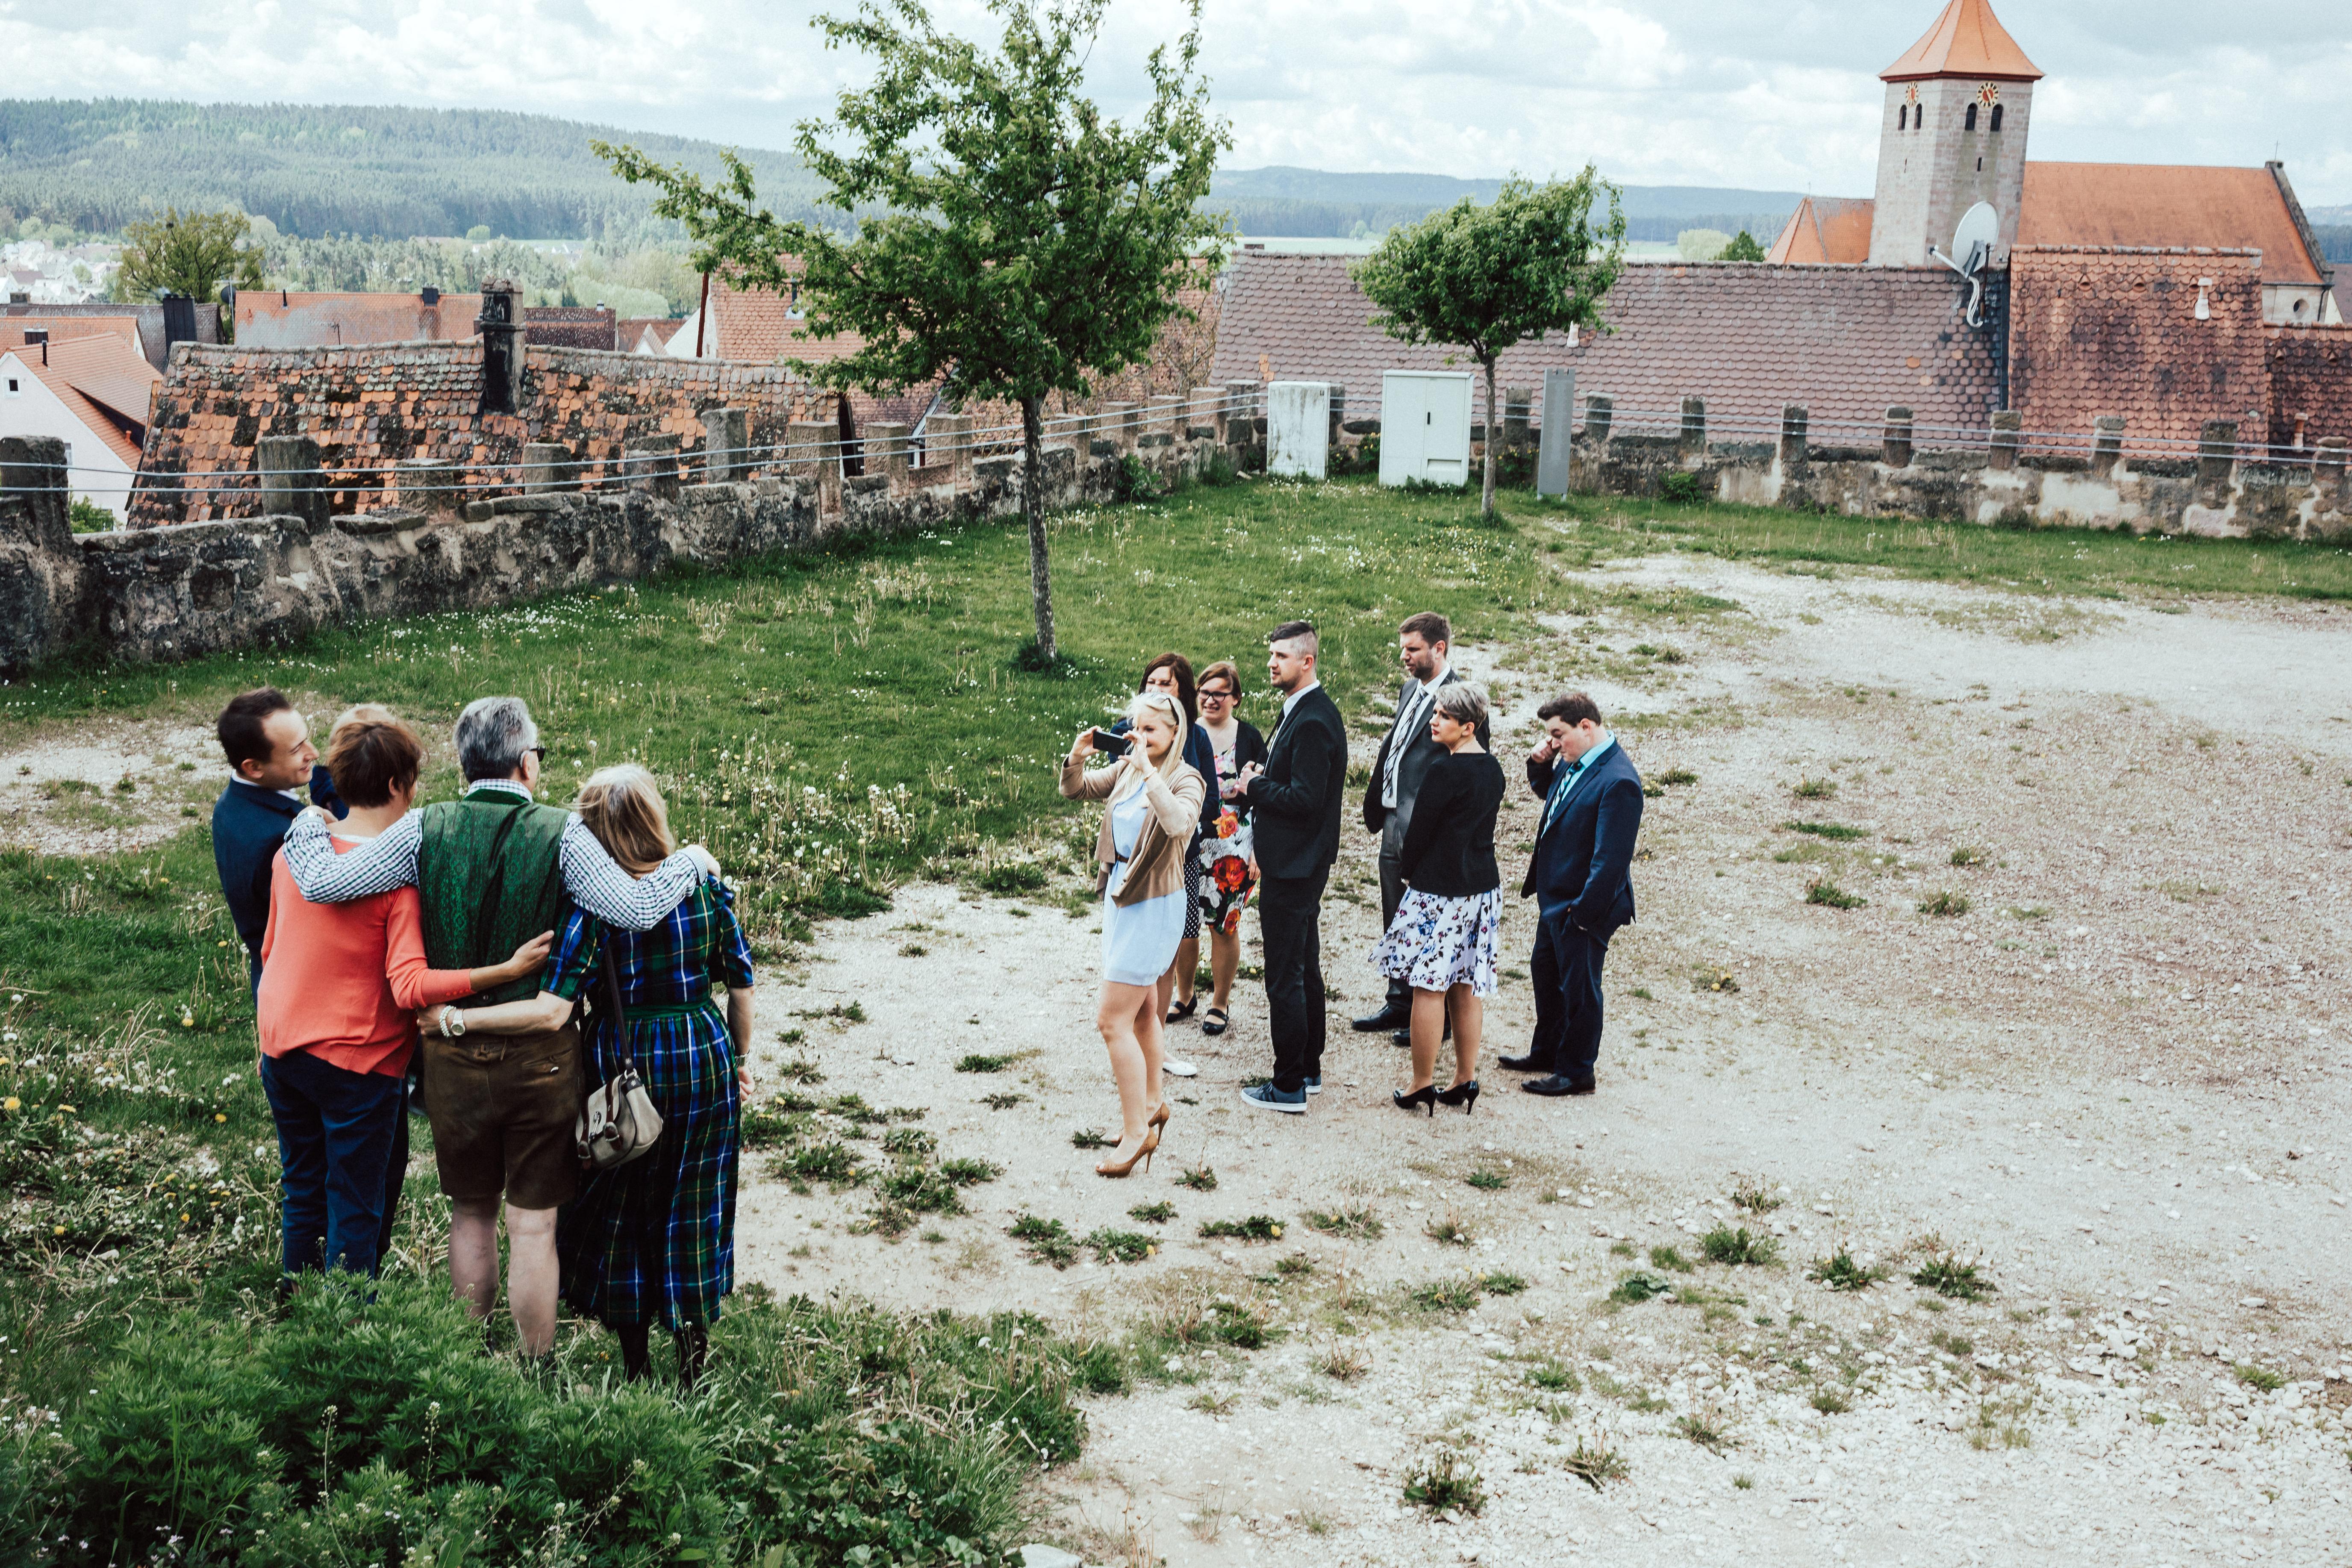 URBANERIE_Hochzeitsfotografin_Nürnberg_Fürth_Erlangen_Schwabach_170513_2340234234